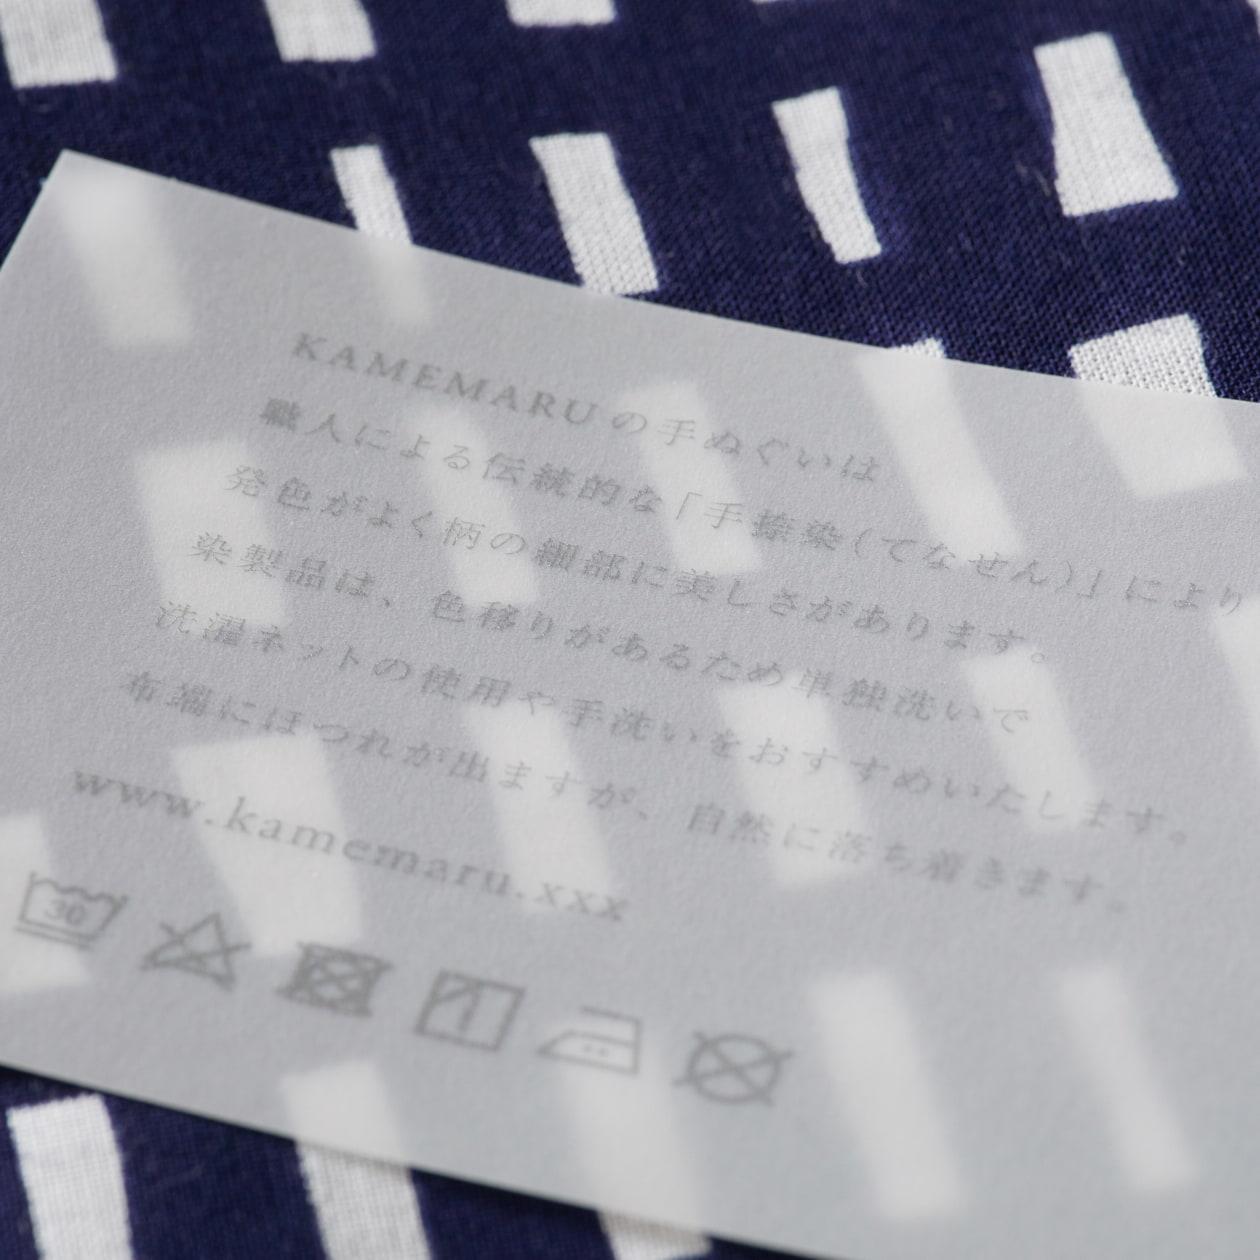 日本製雑貨ブランドのてぬぐい帯